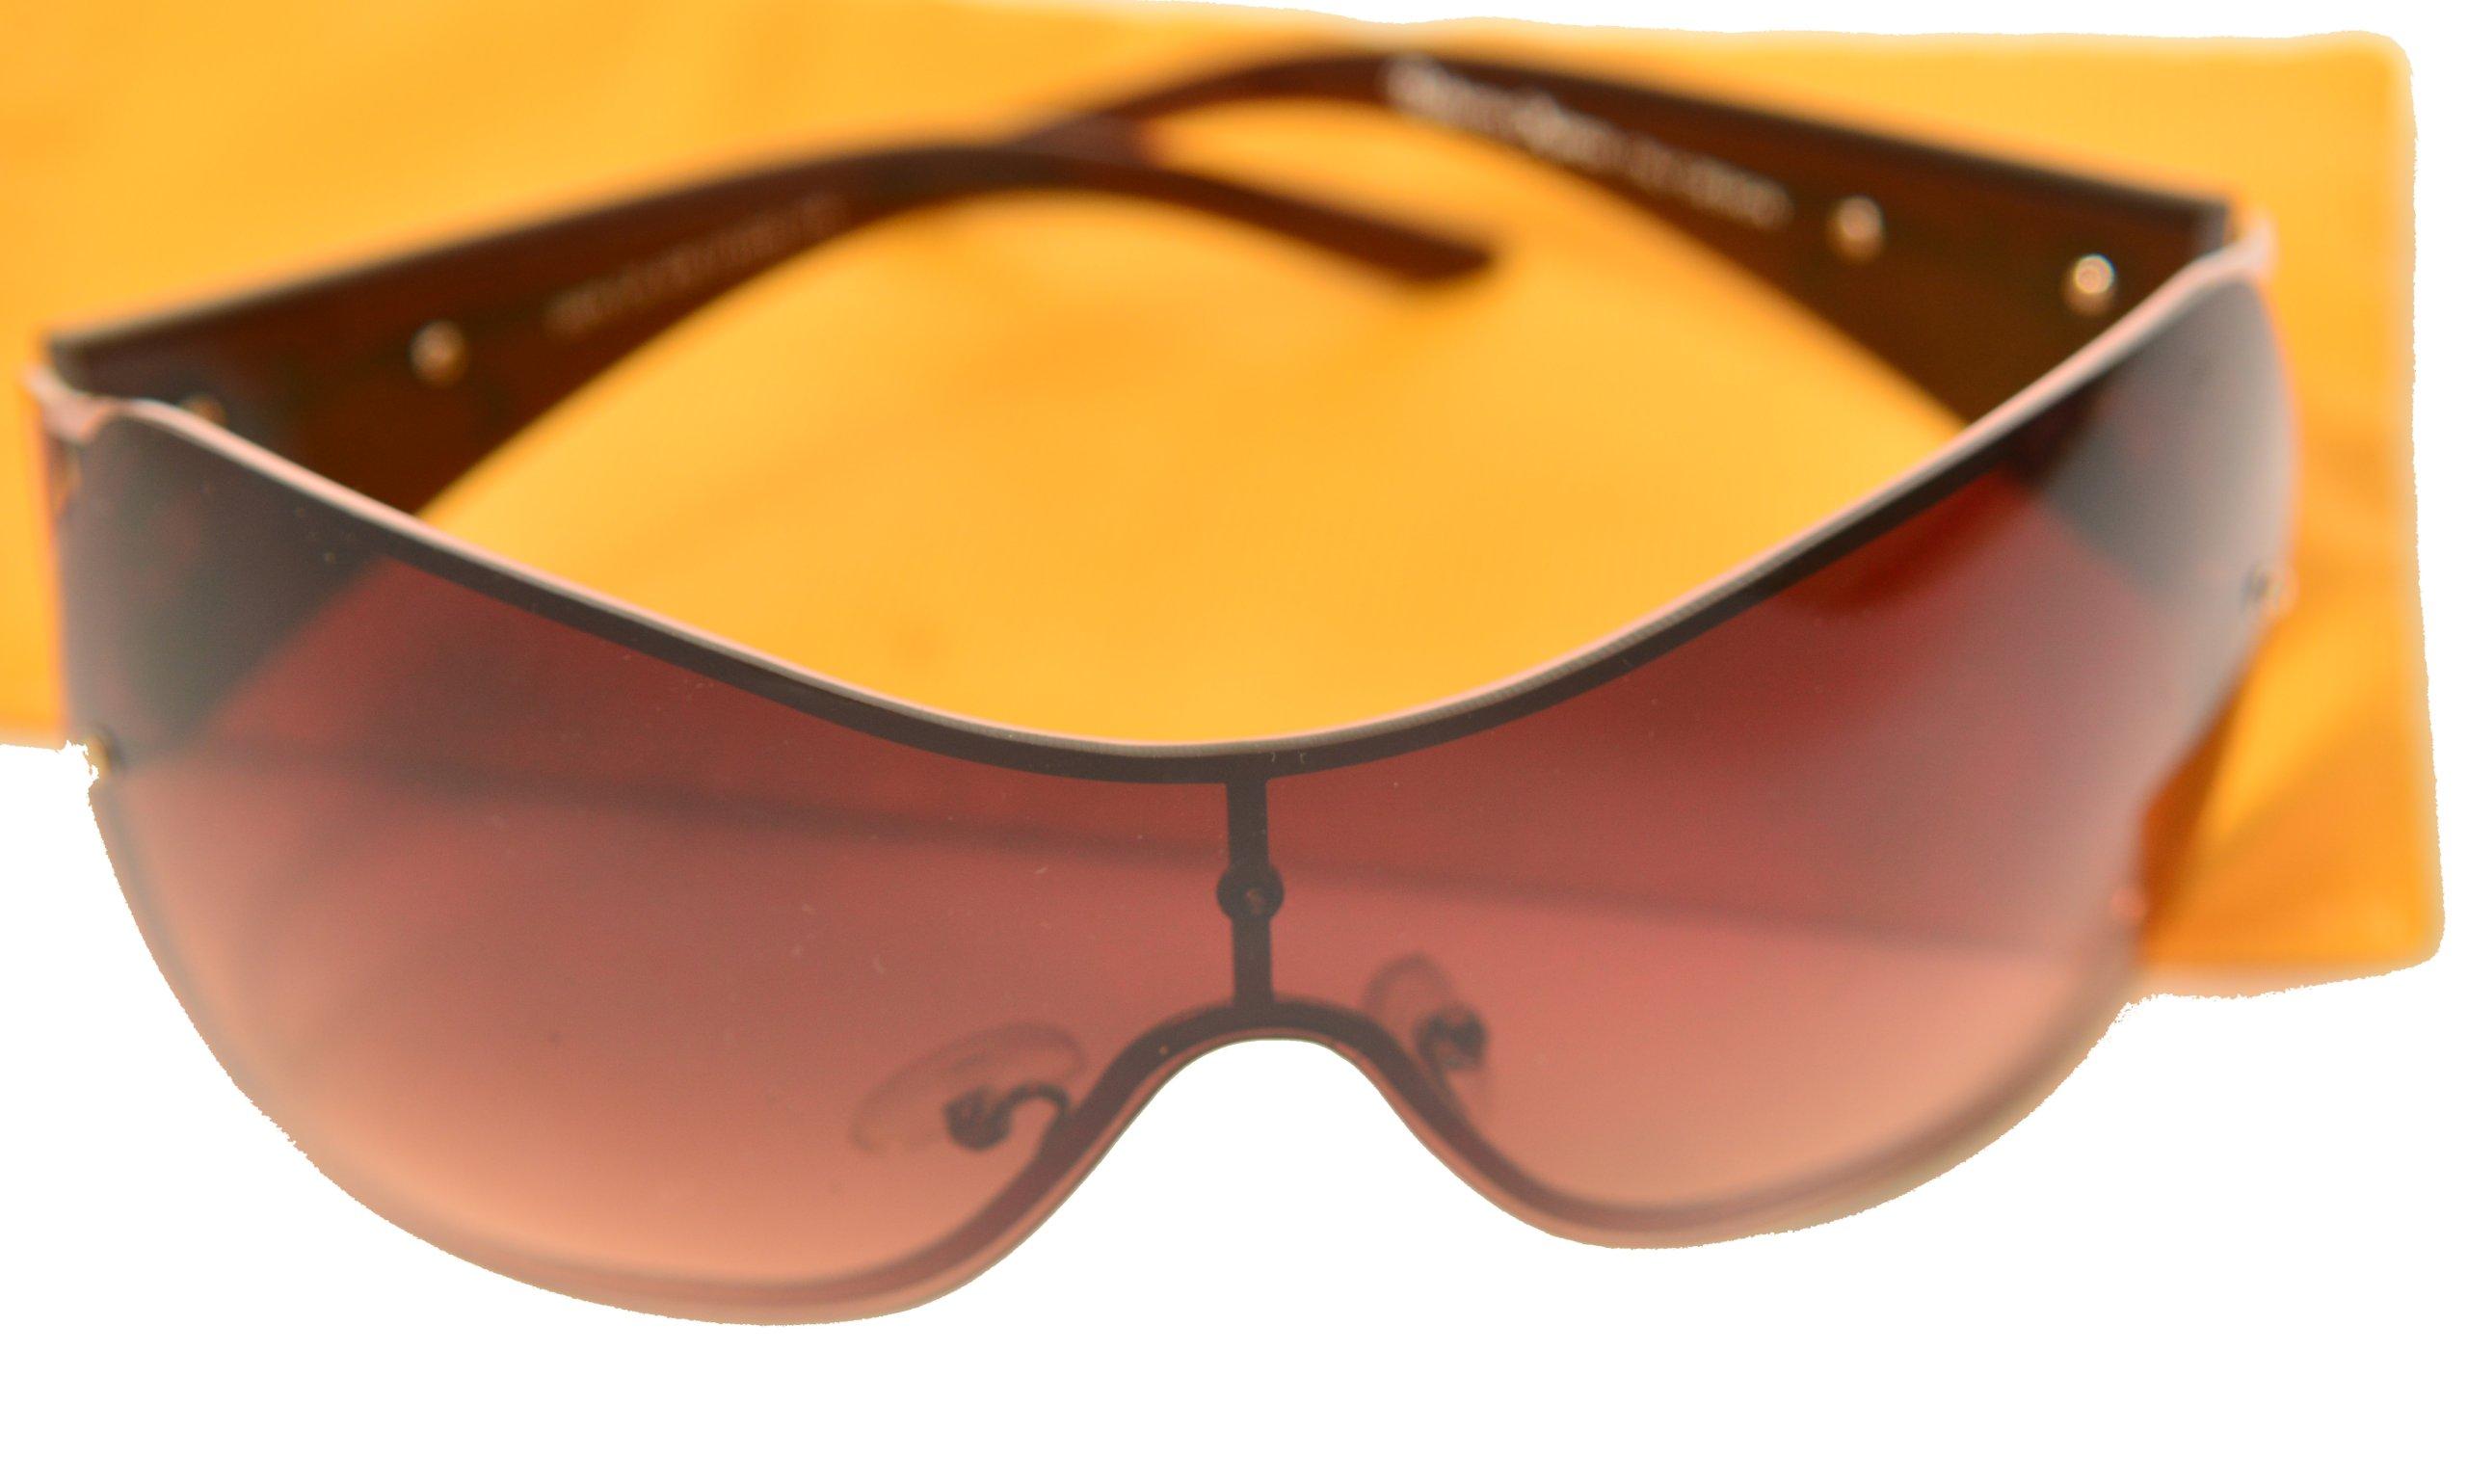 okulary przeciwsłoneczne 400 a4tech